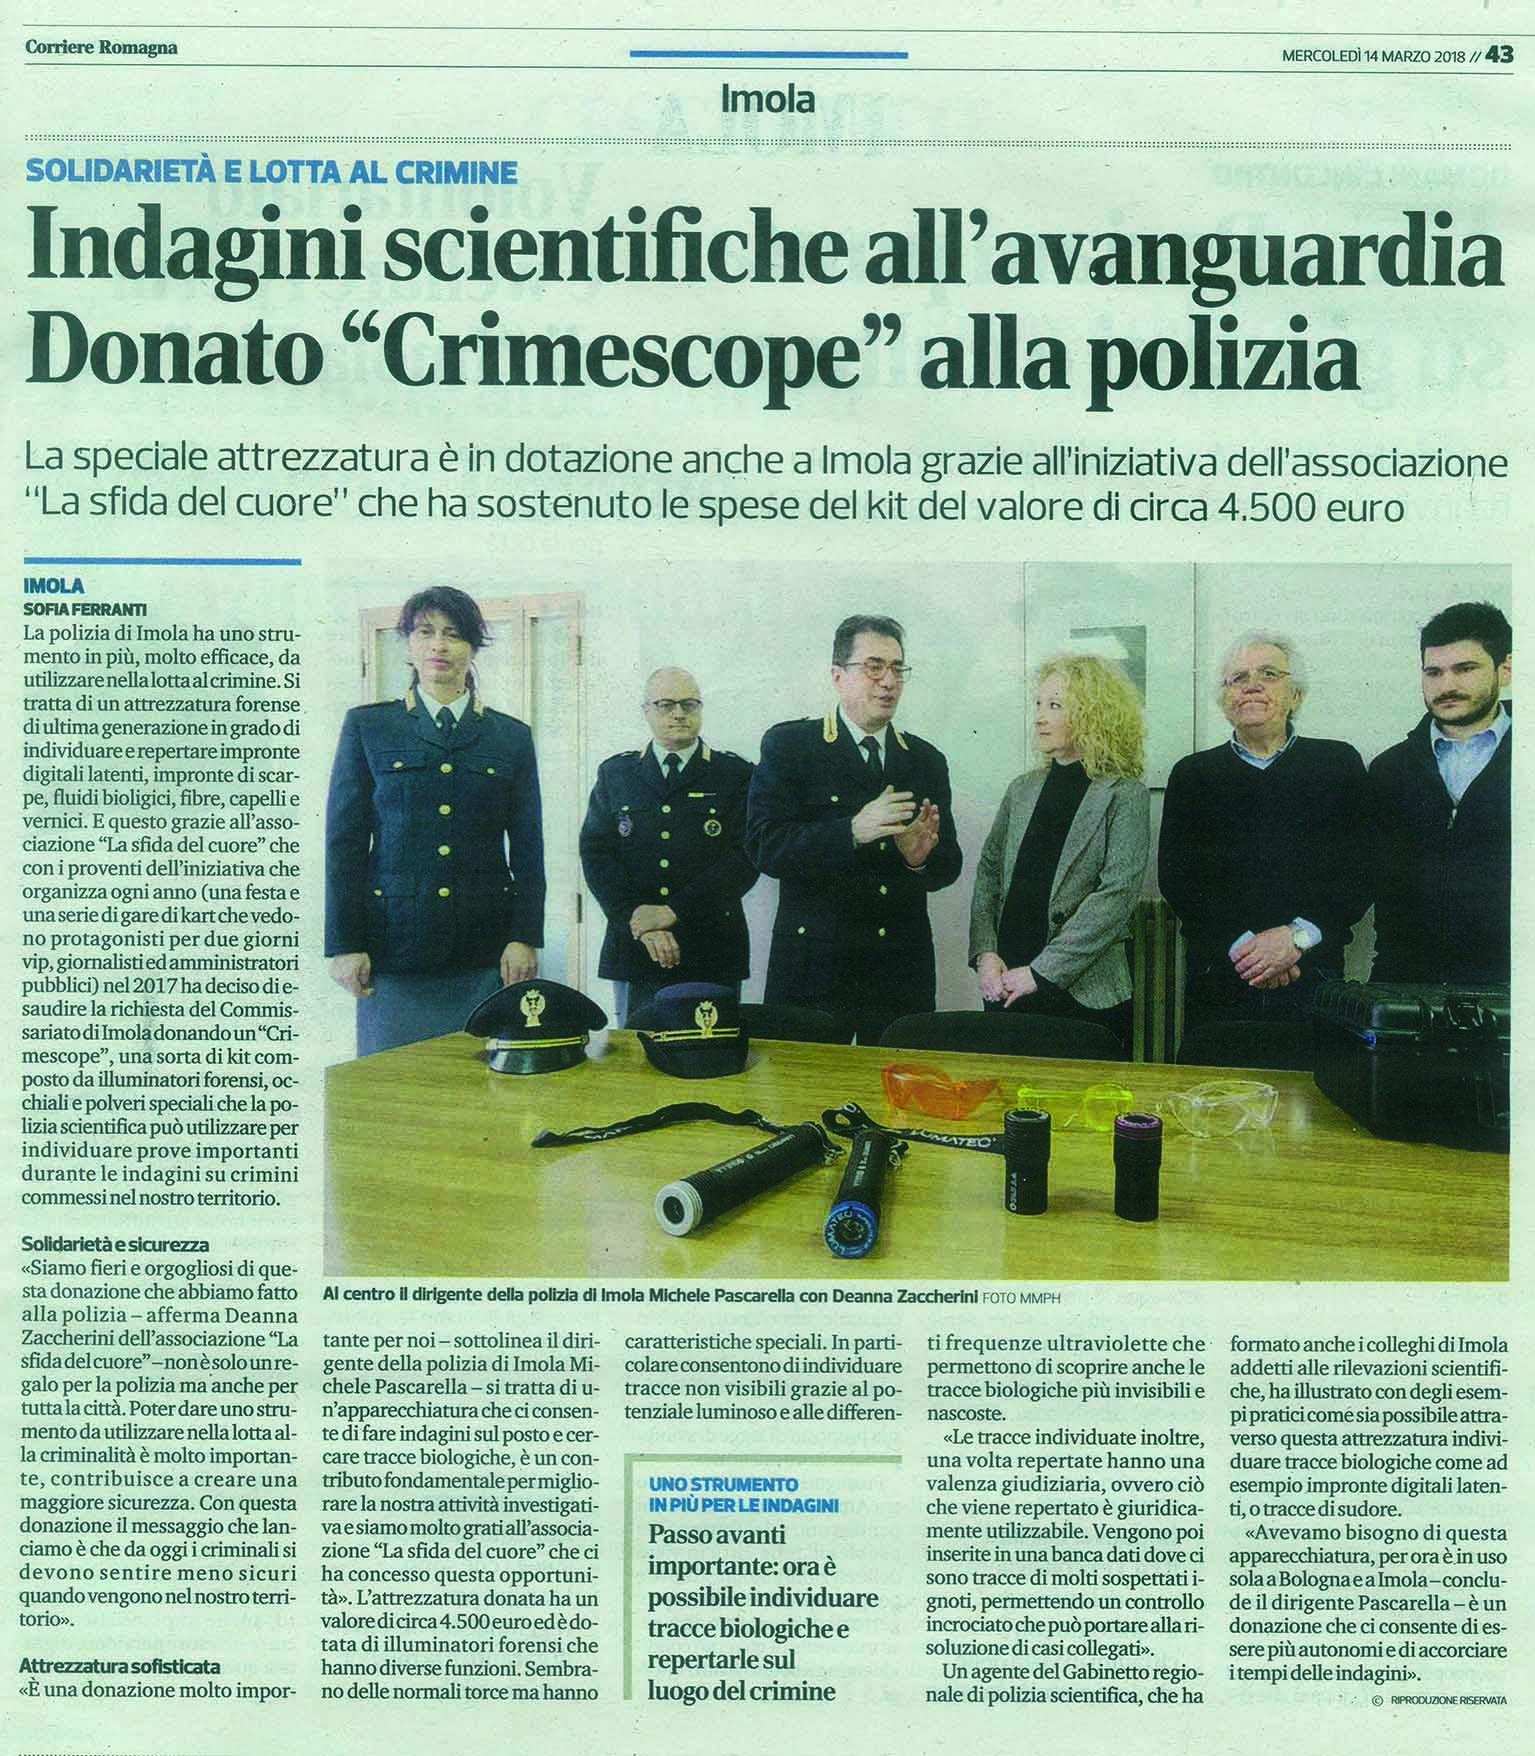 Corriere_ok